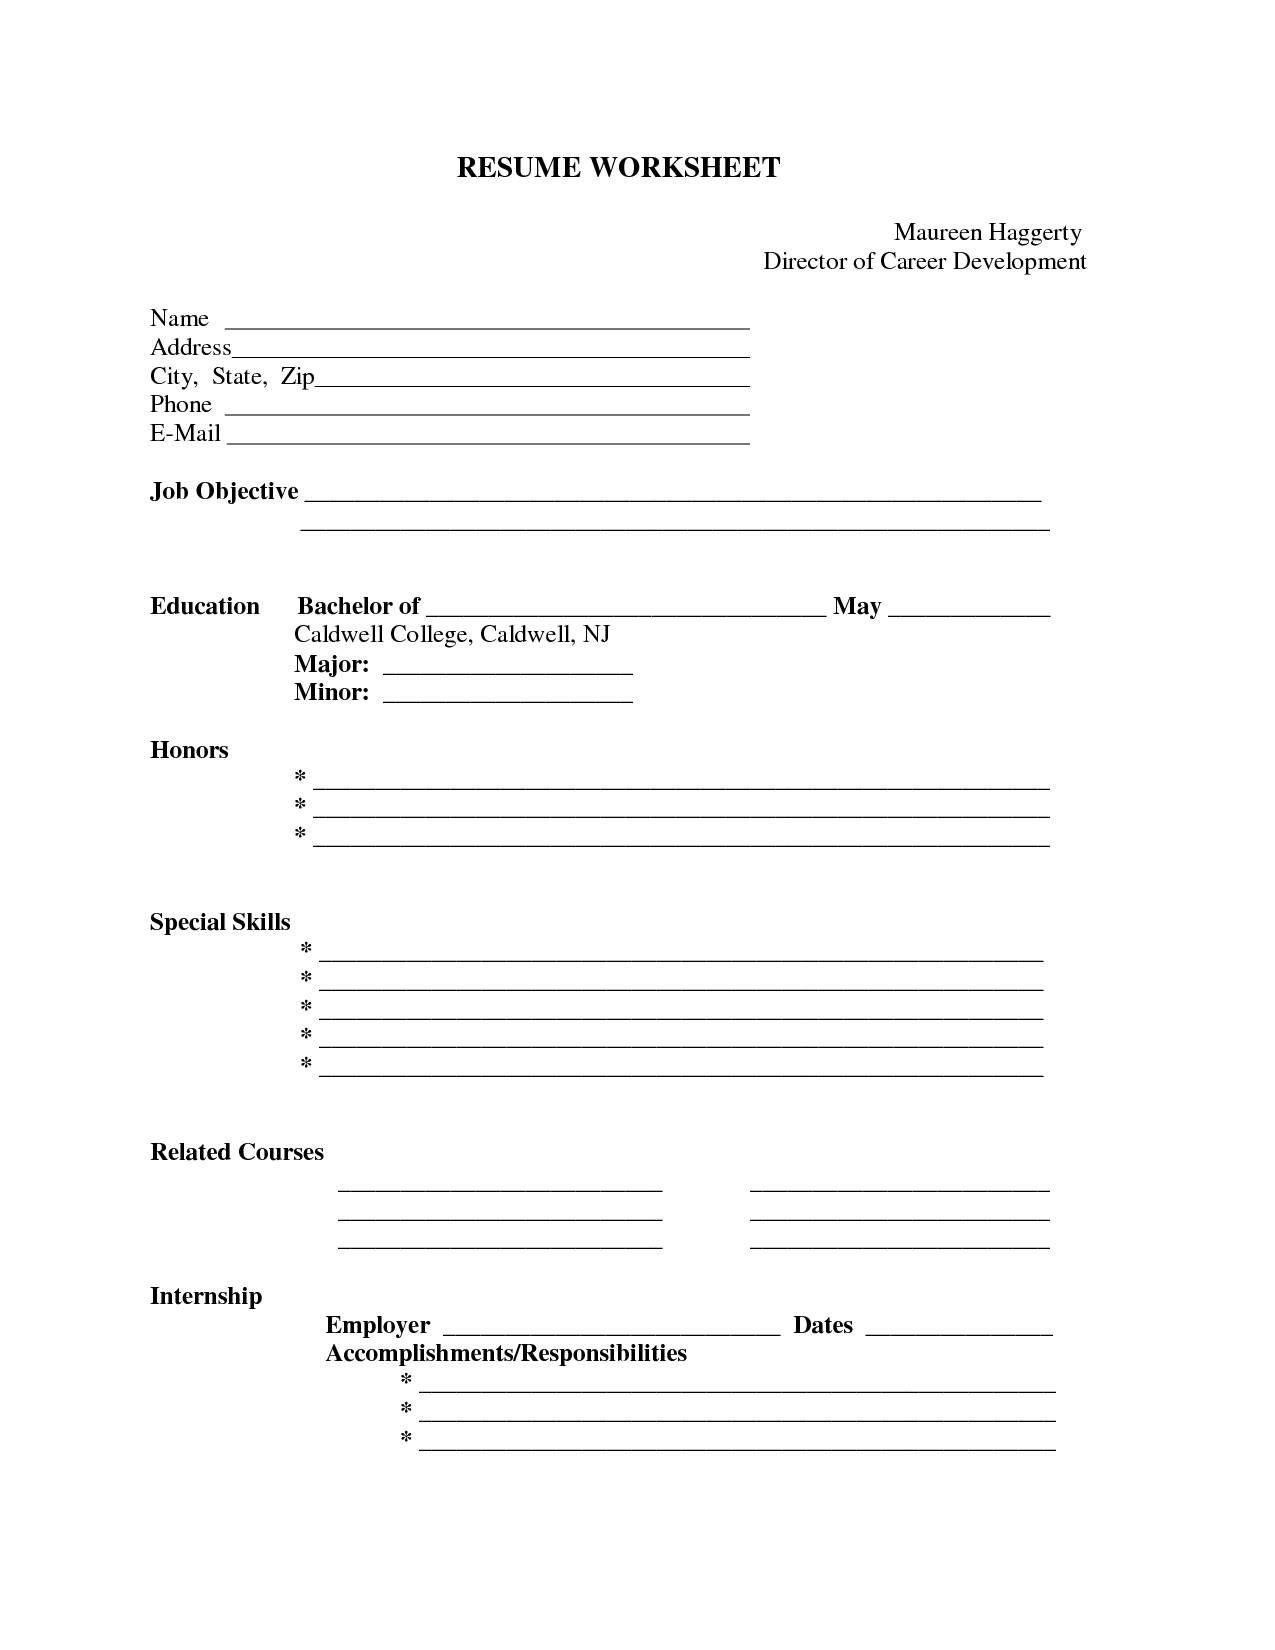 Pinresumejob On Resume Job | Free Printable Resume Templates - Free Printable Blank Resume